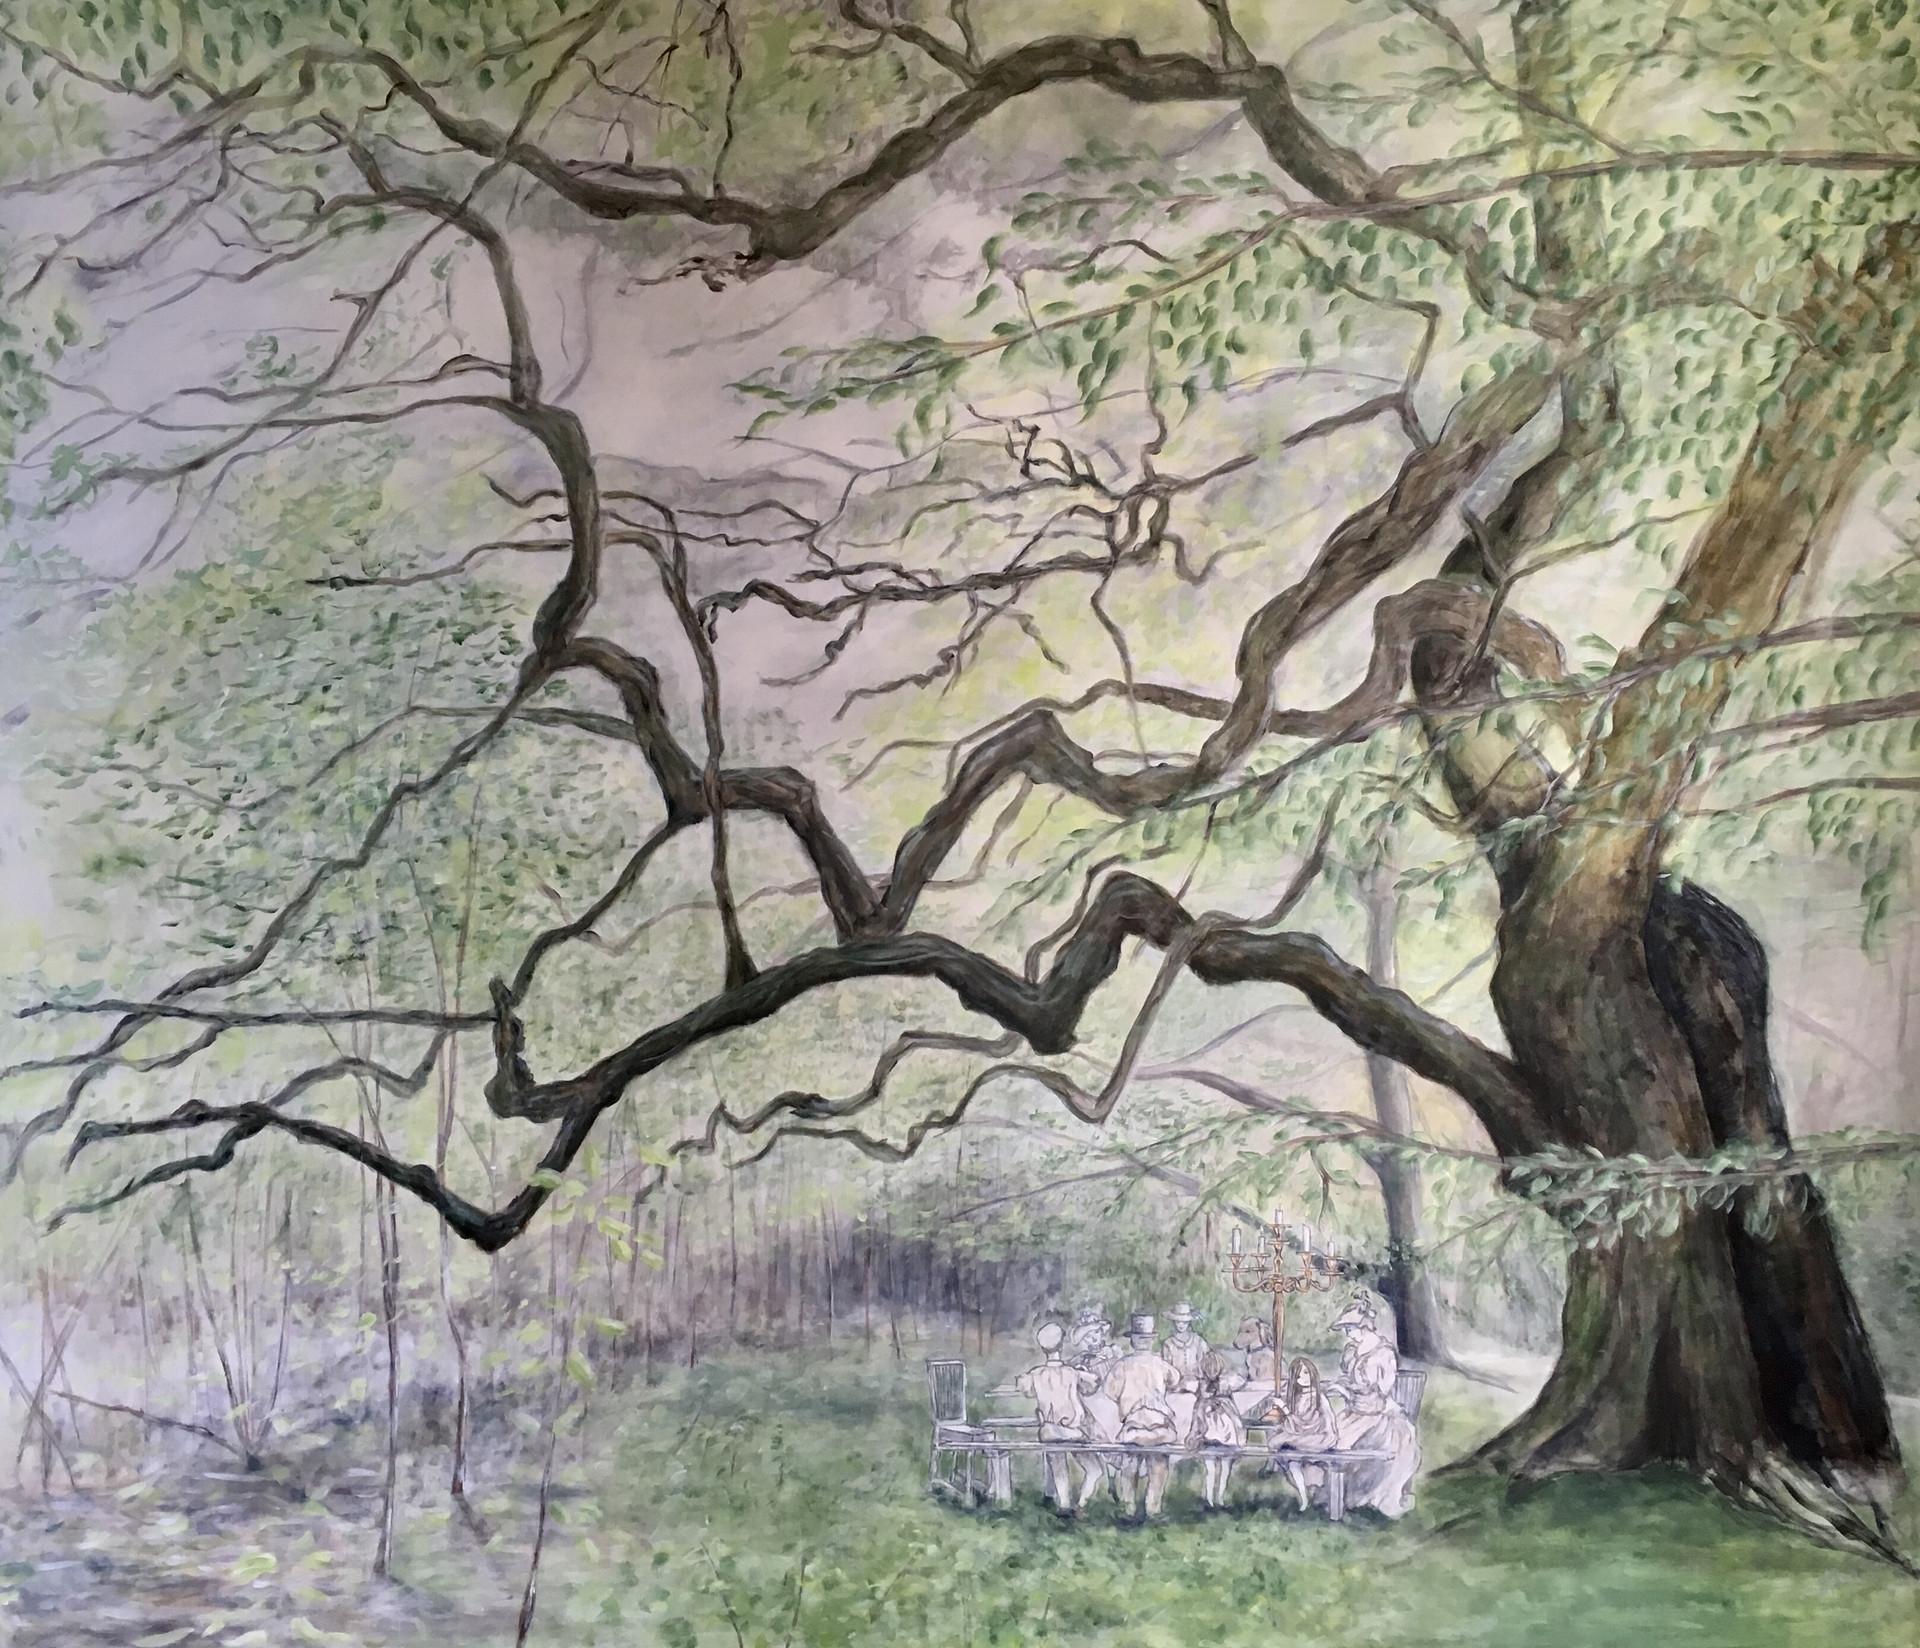 SOLGT Historien om det gamle egetræ og pigen der vidste mere end andre